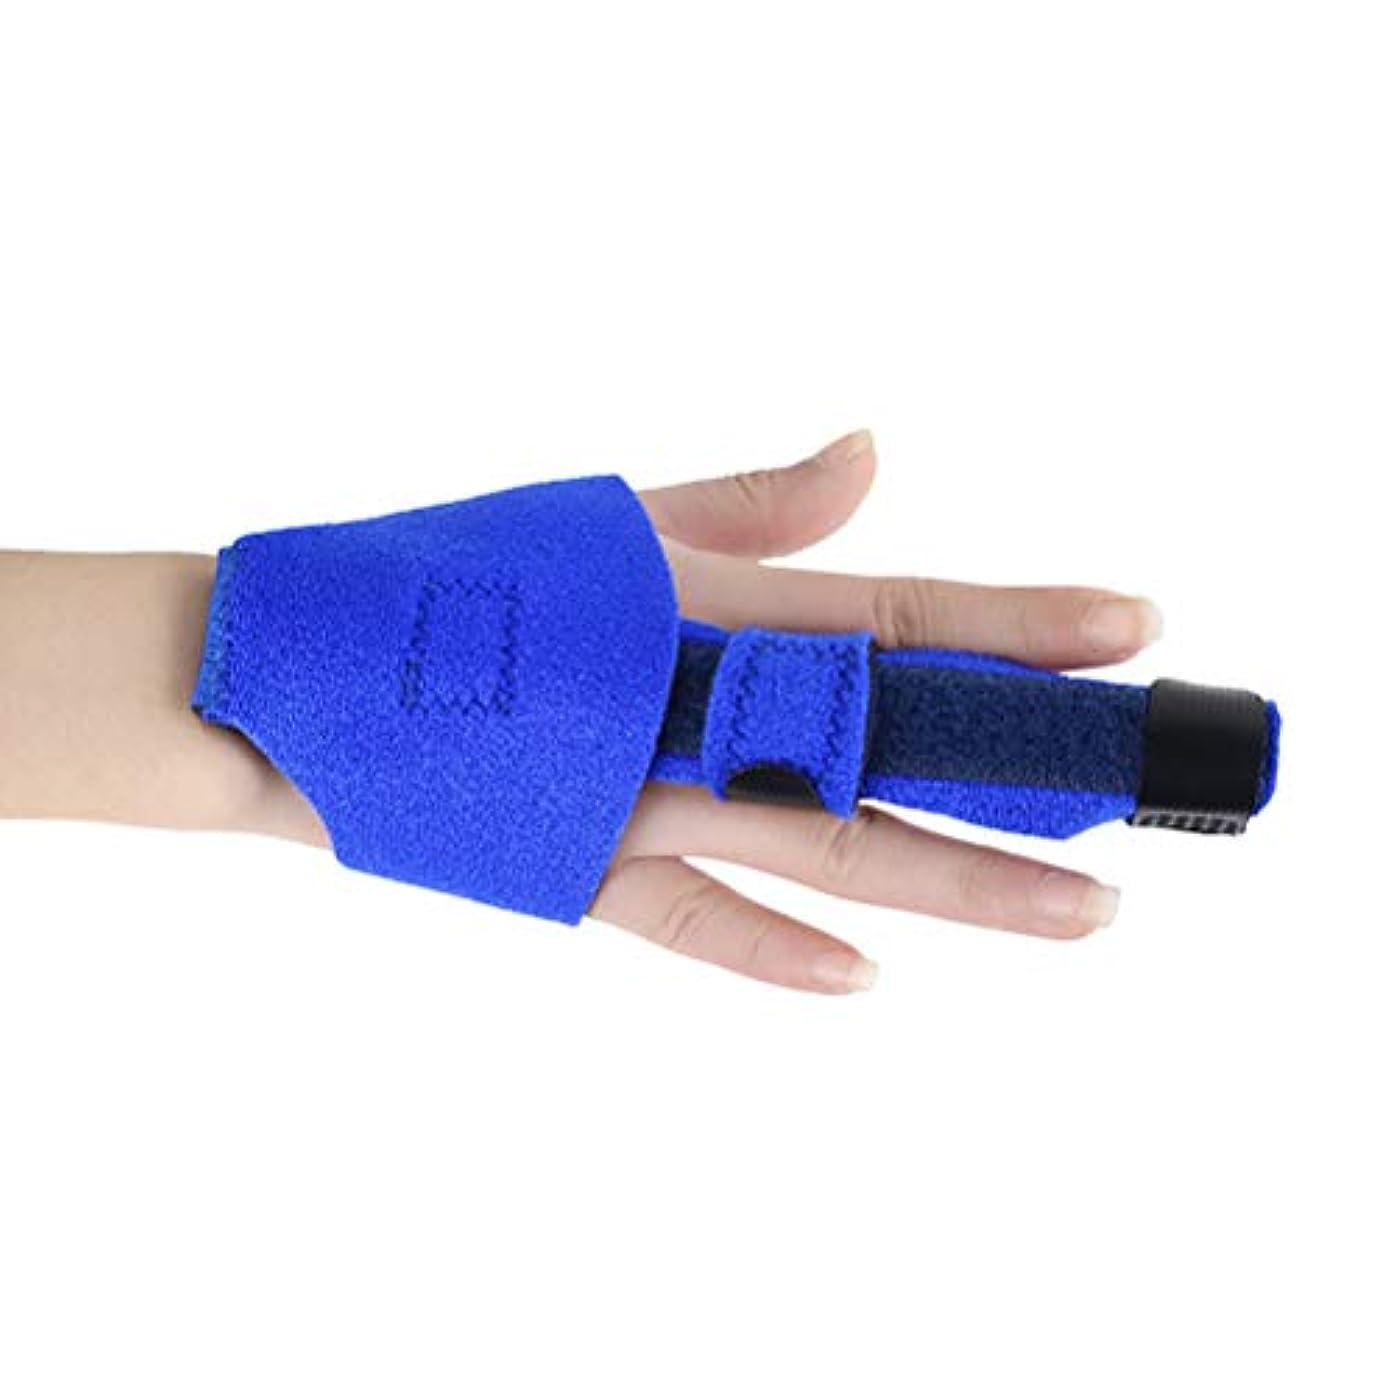 クーポン成功した石炭SUPVOX トリガーフィンガースプリント 指サポーター 指の骨折副木壊れた指のサポート手首指固定ブレースプロテクター(ブルー)